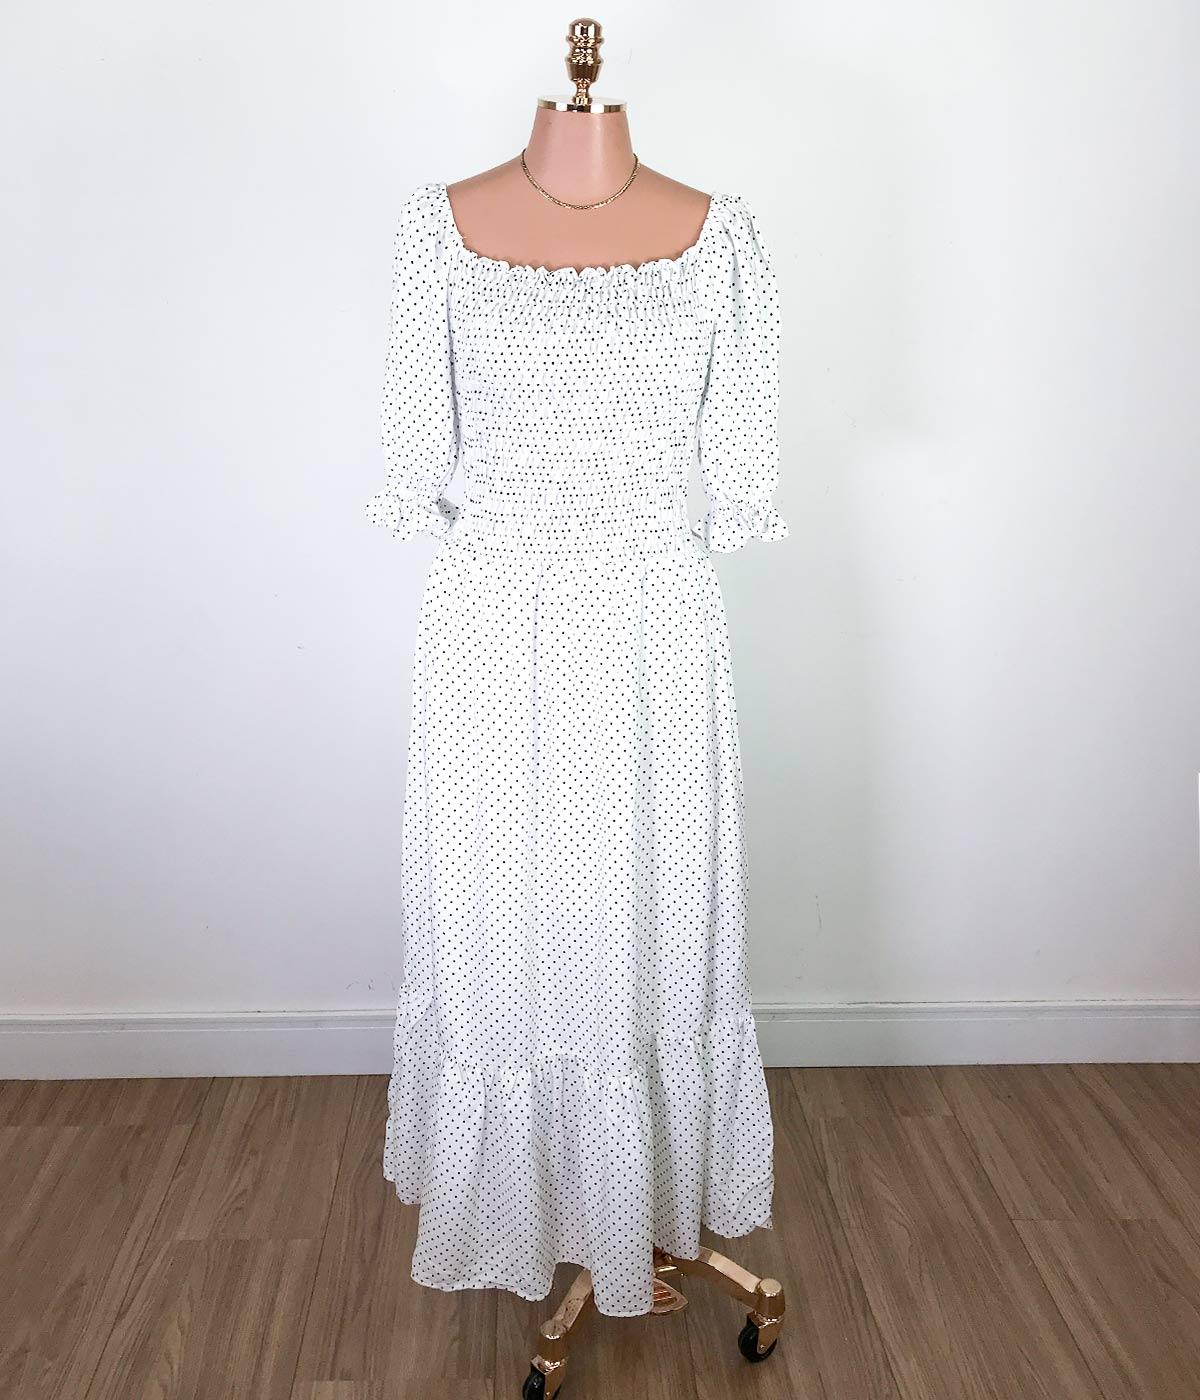 Vestido Longo Lastex Manga Bufante Poá Off White